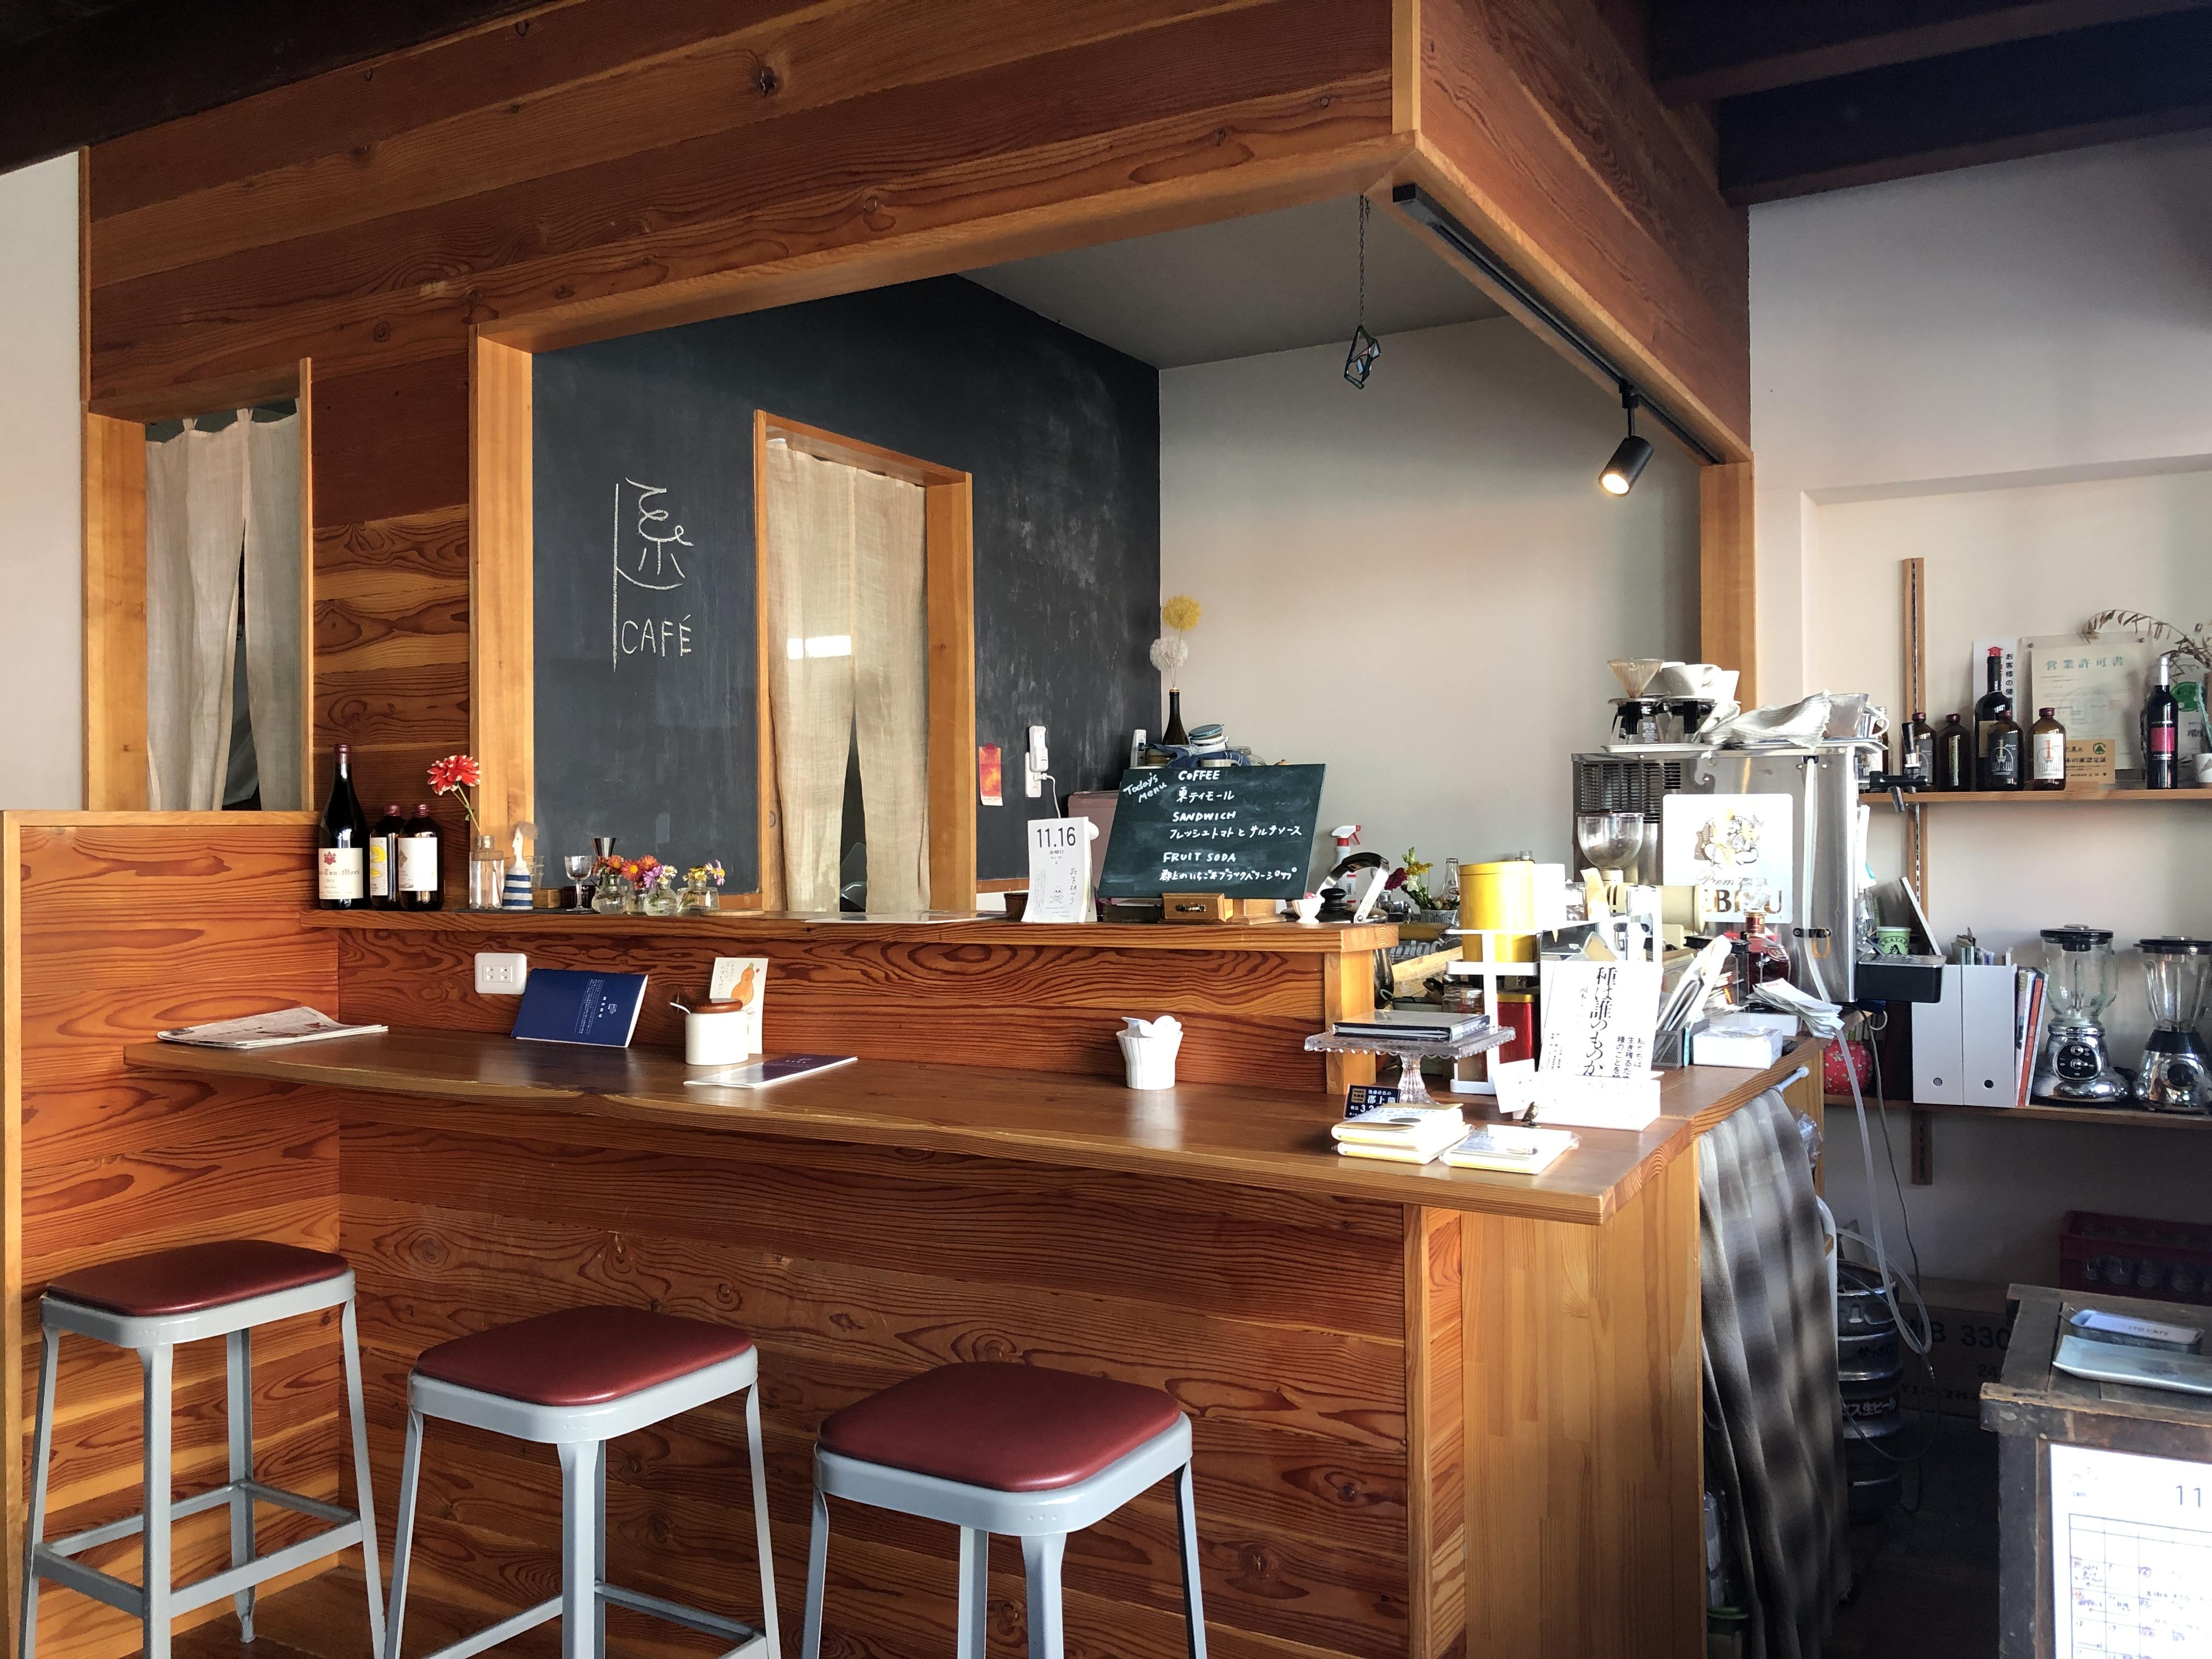 地元の美味しいがたくさん!郡上八幡のおしゃれカフェ『糸CAFE(イトカフェ)』 - IMG 2469